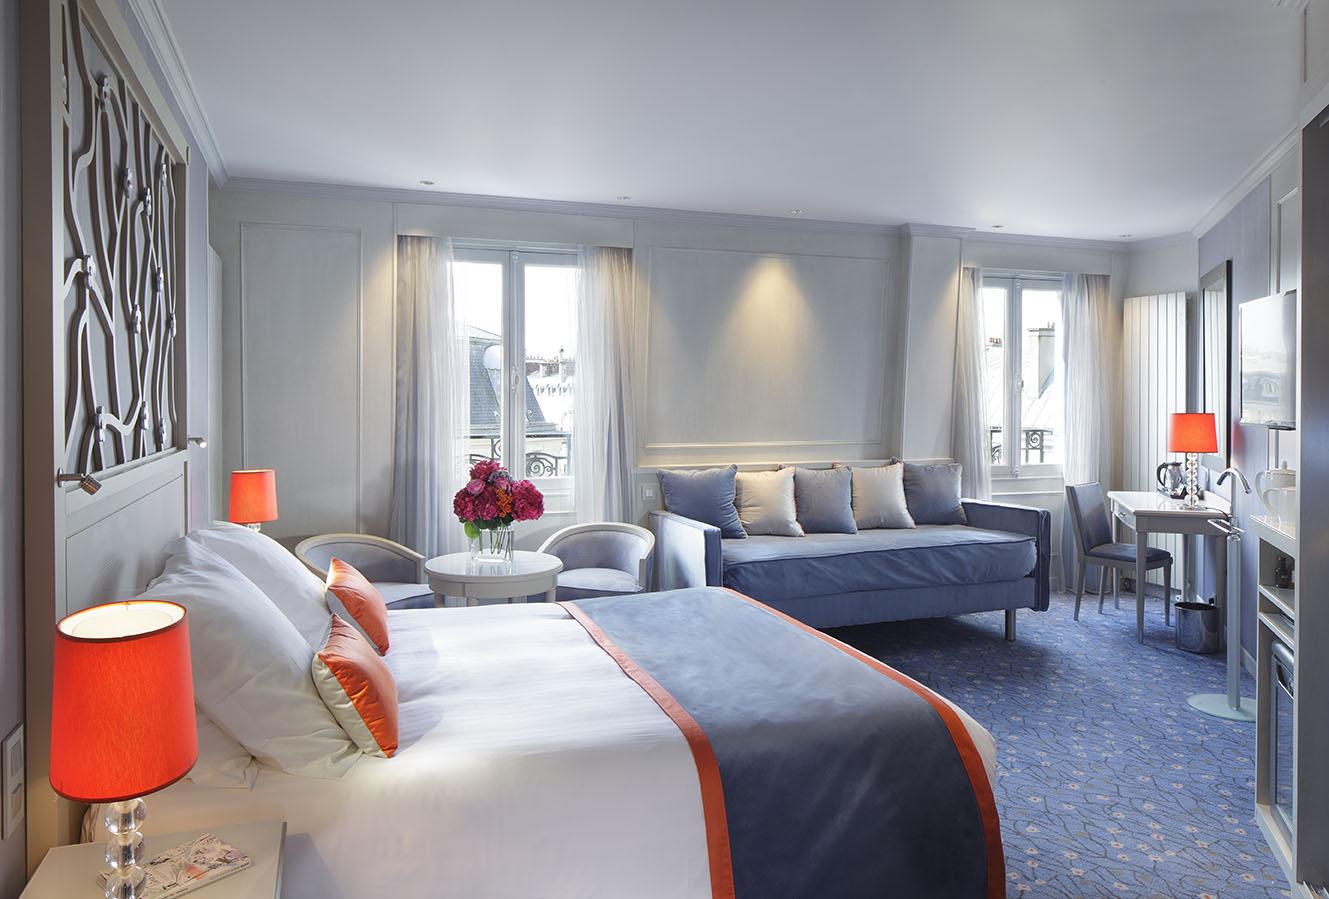 Hotel chateau frontenac sur h tel paris for Chambre chateau frontenac